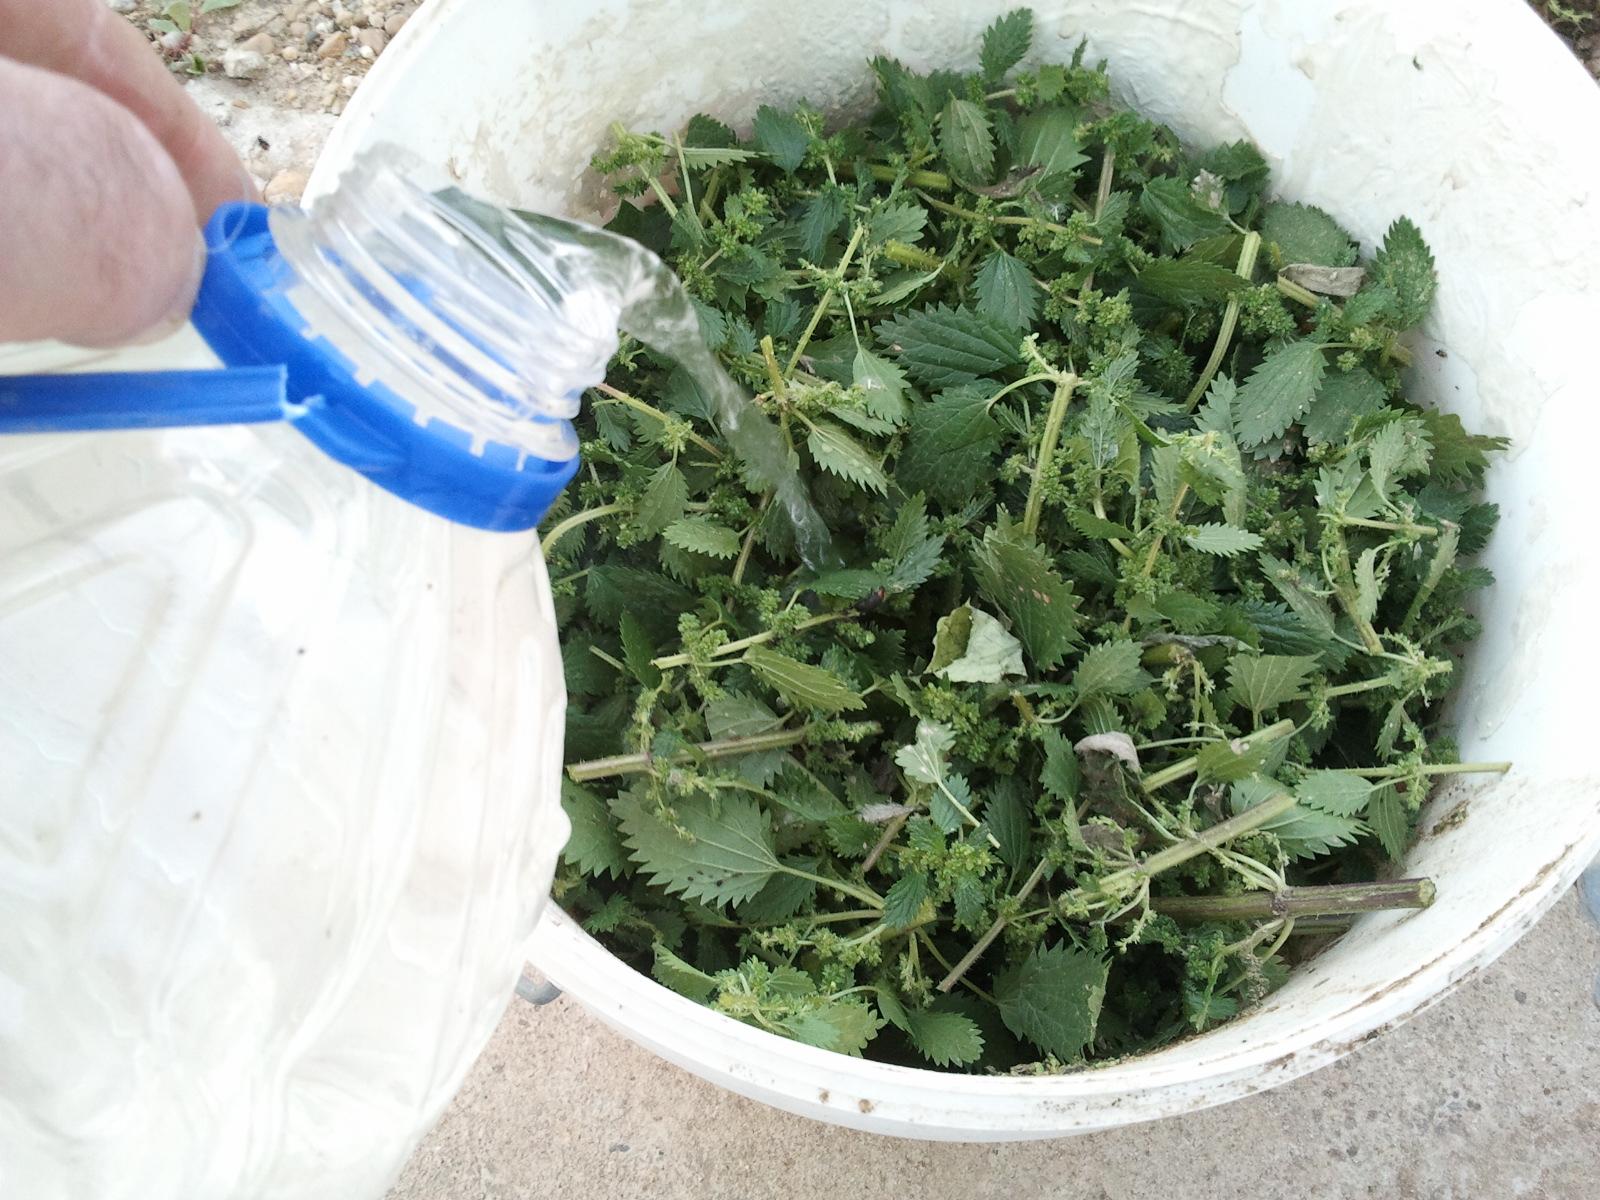 Abonos org nicos para cultivos de marihuana - Abono organico para plantas ...